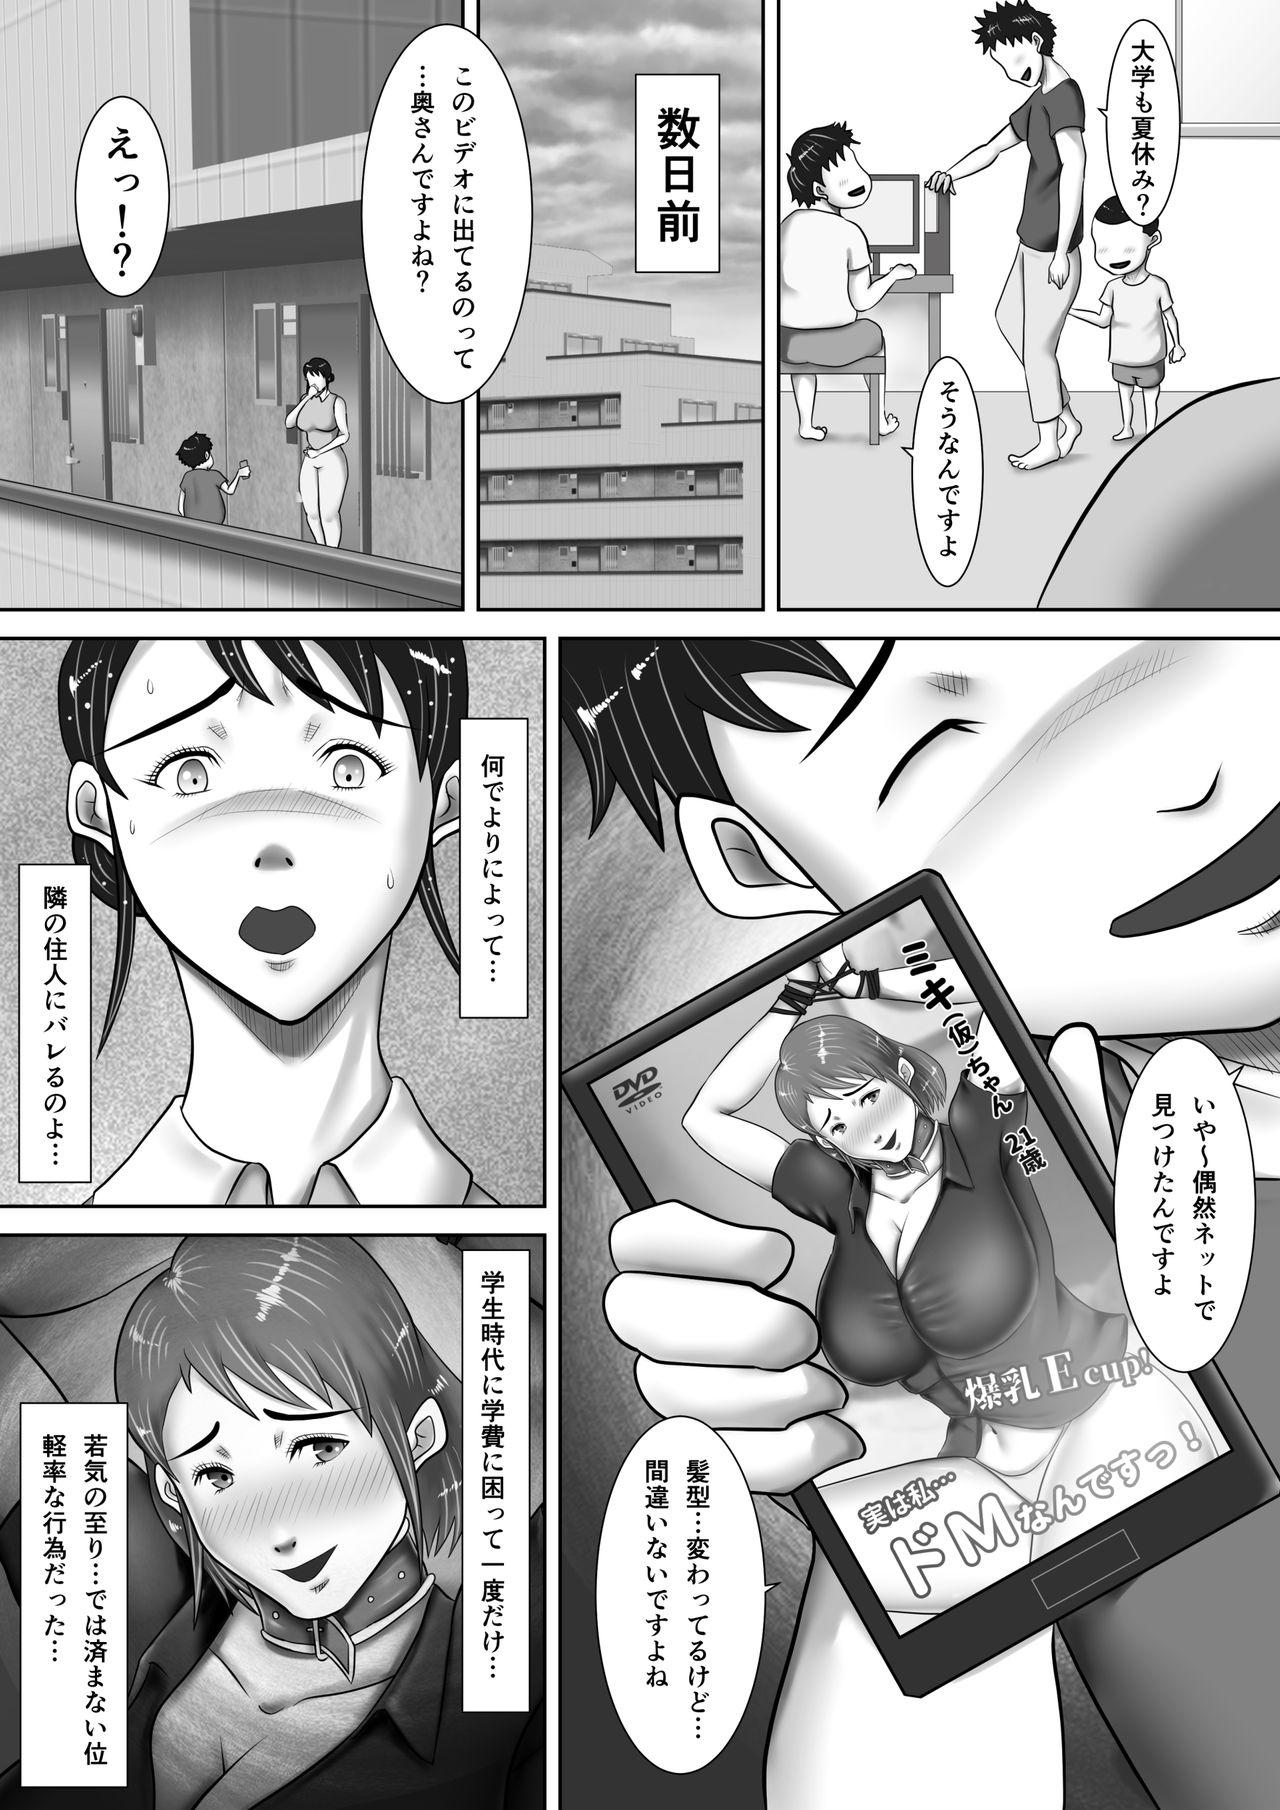 Jitaku de Netorareta Kachiki na Hitozuma 3